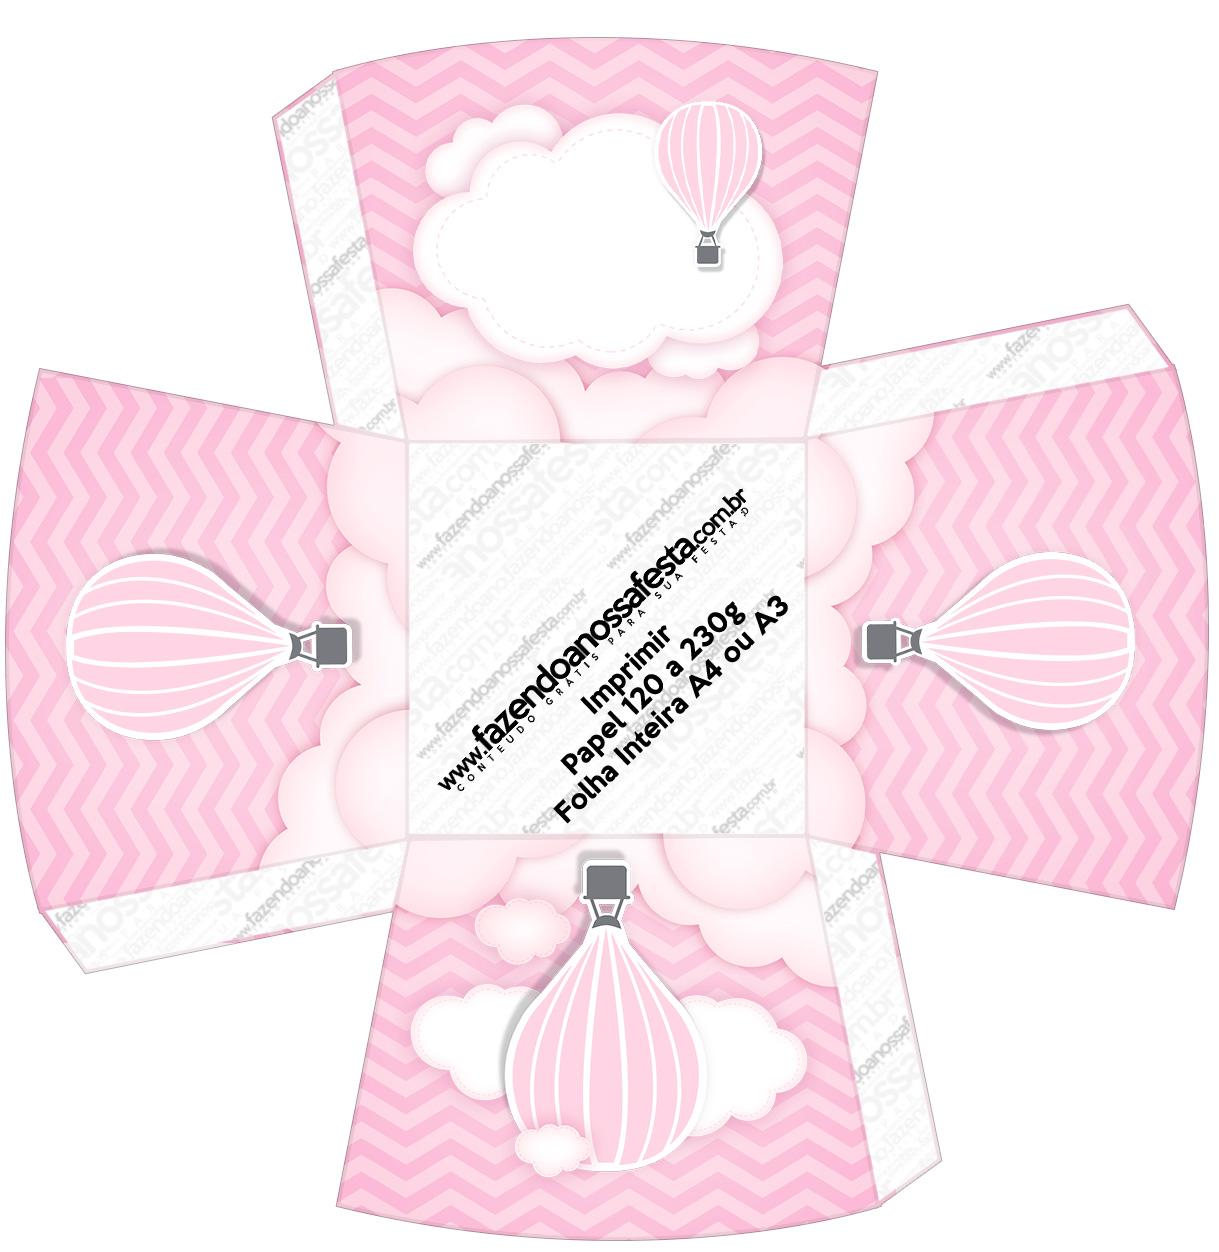 Chachepot Balão de Ar Quente Rosa